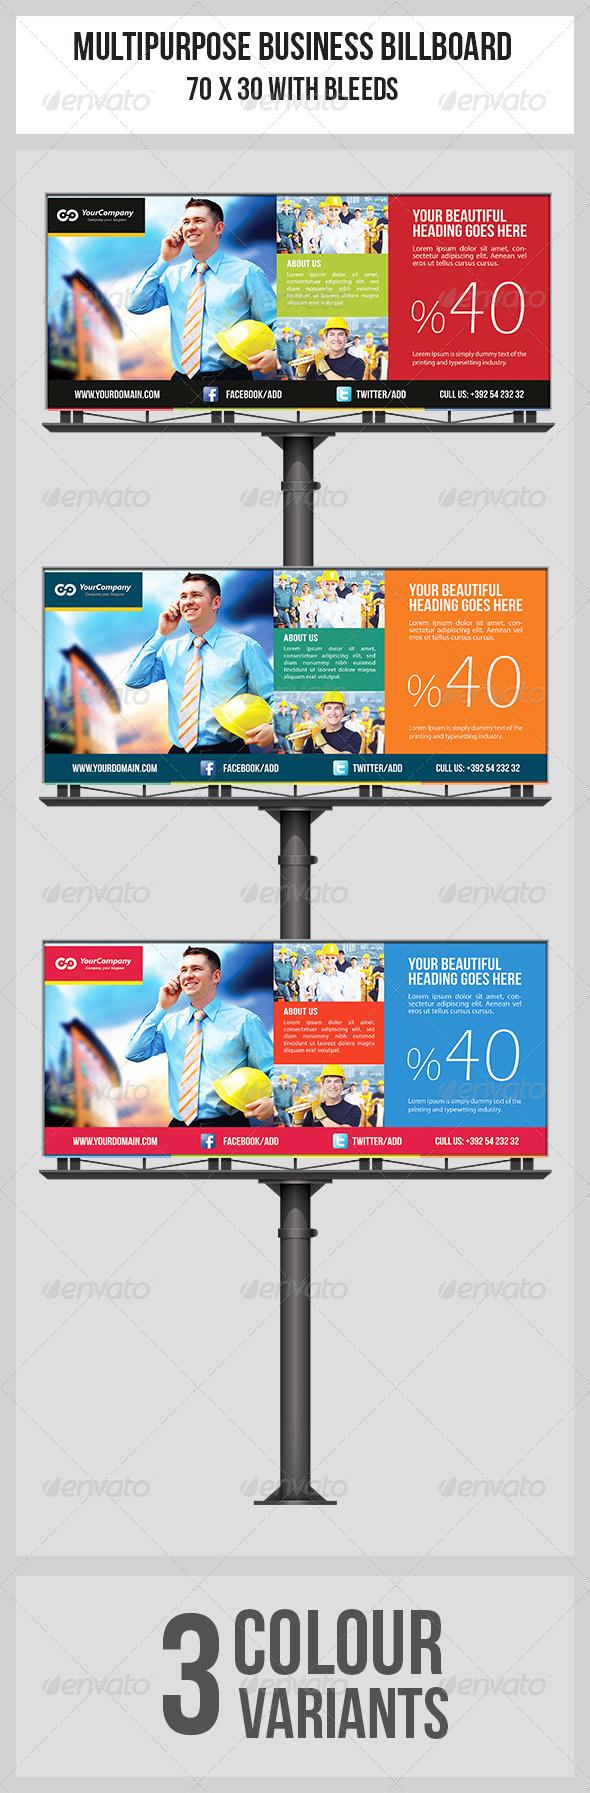 GraphicRiver Multipurpose Business Billboard Template 7021576